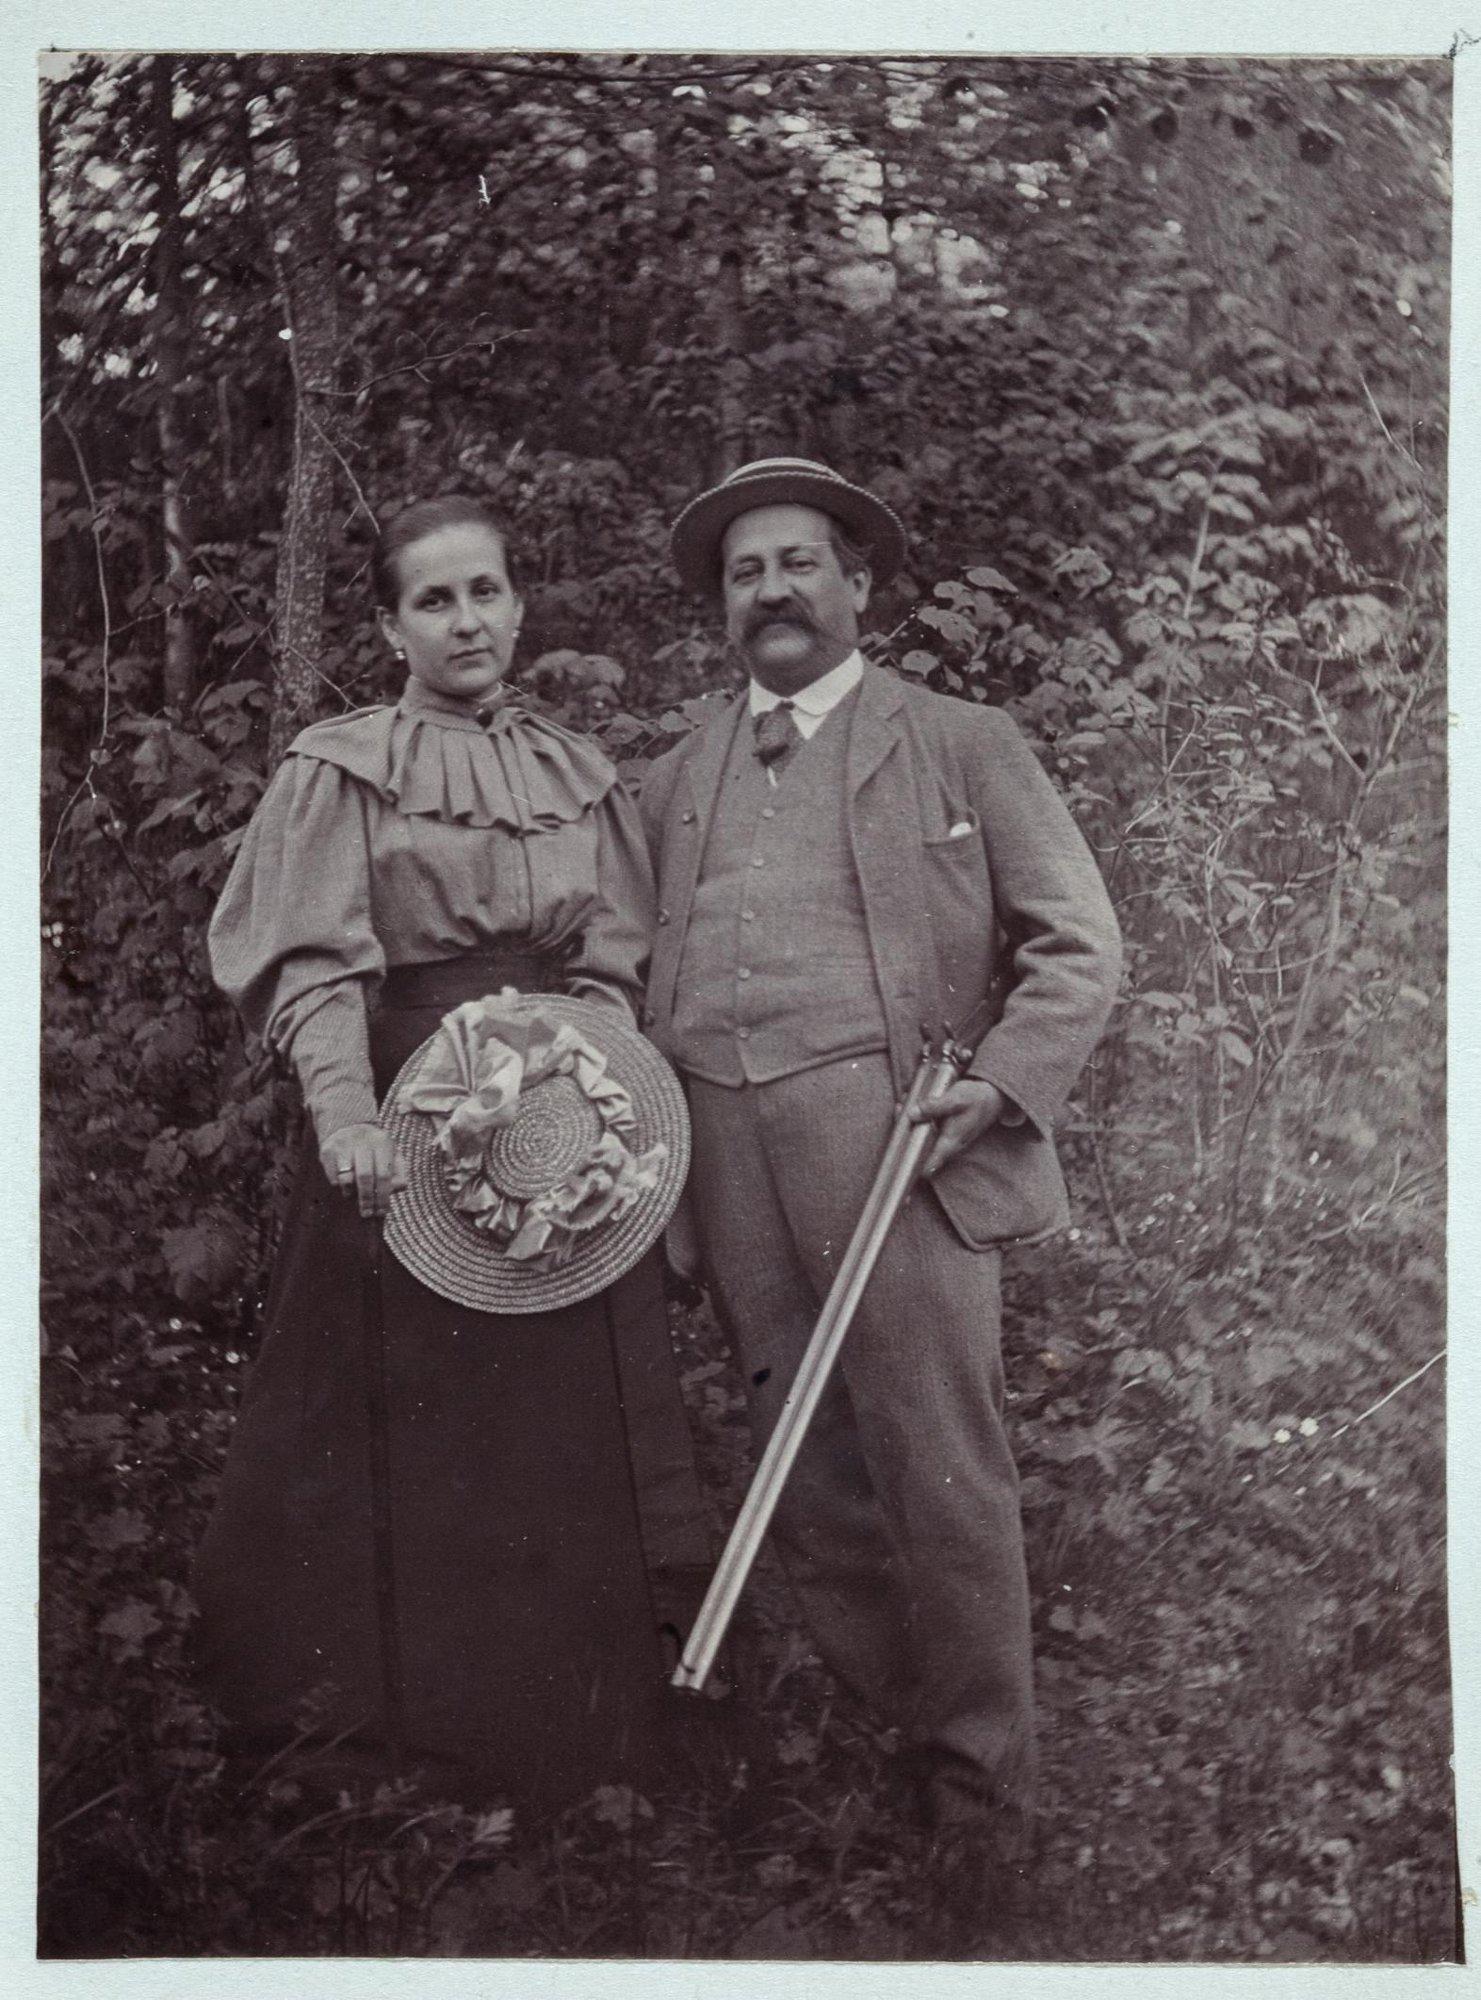 1895.Суханово. Светлейший князь Петр Дмитриевич Волконский (1845-1919) с дочерью Софьей Петровной Давыдовой